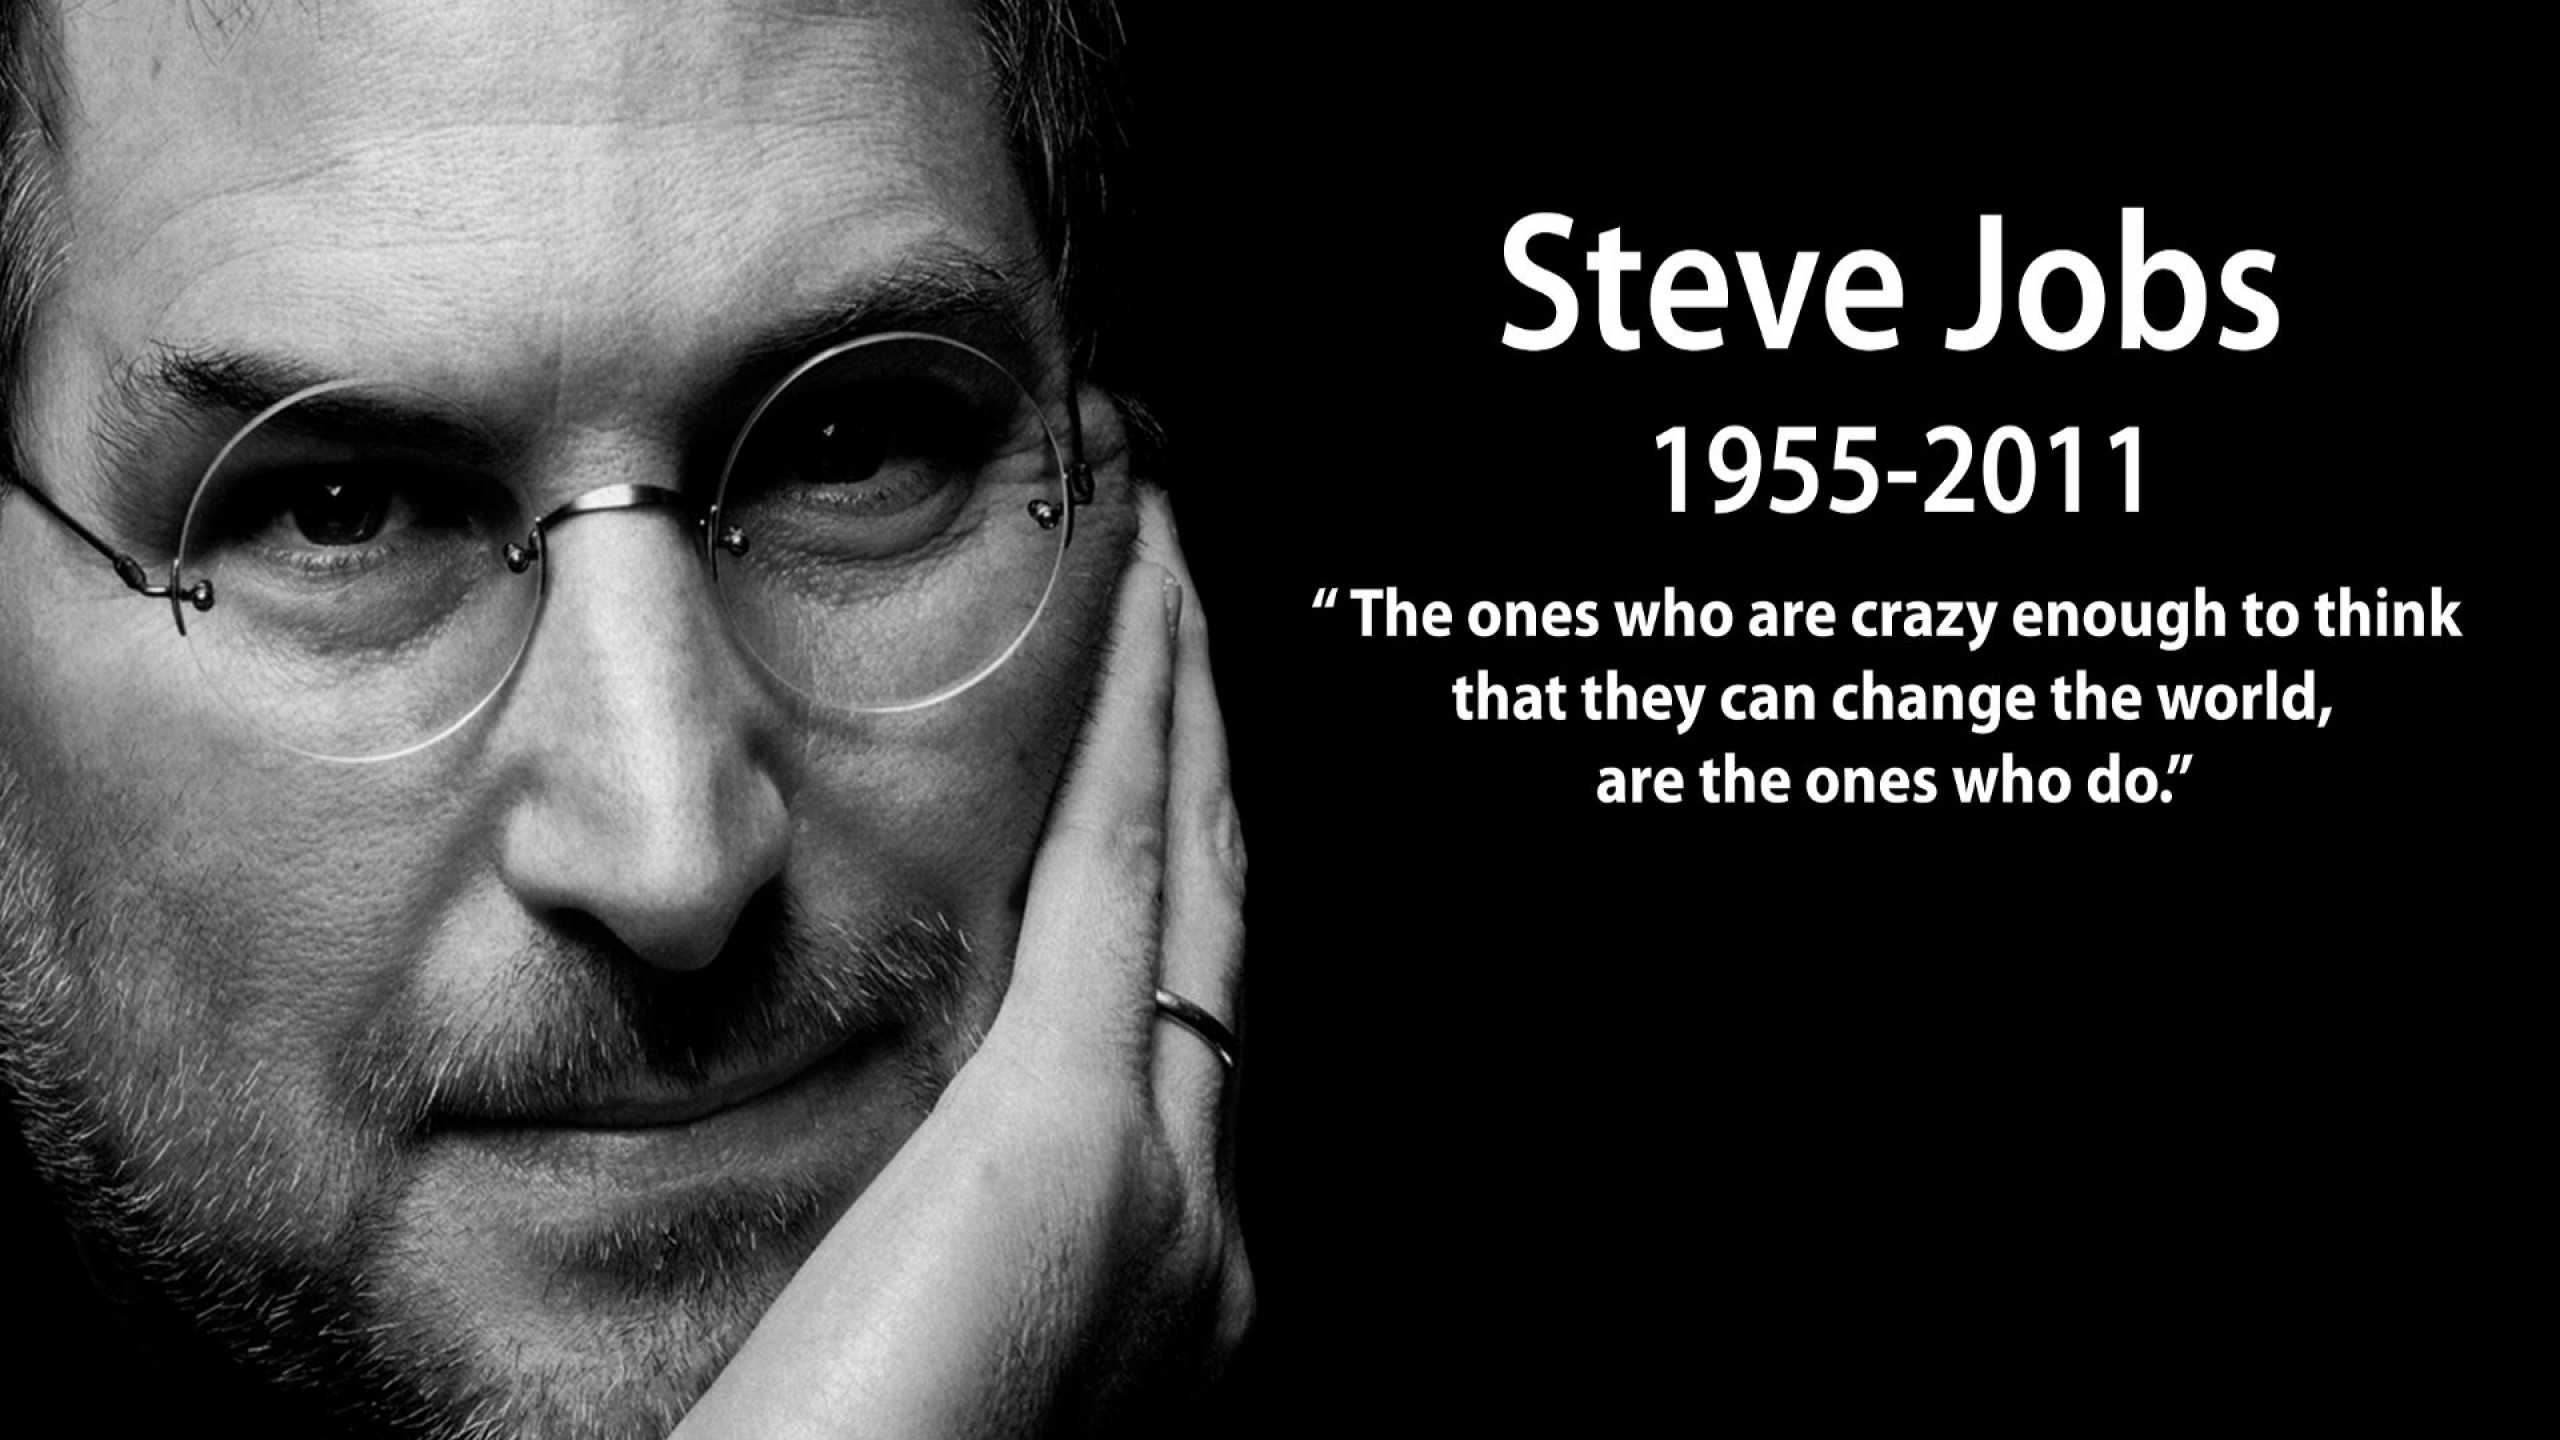 nice quotes steve jobs Desktop Best Wallpapers 2560x1440